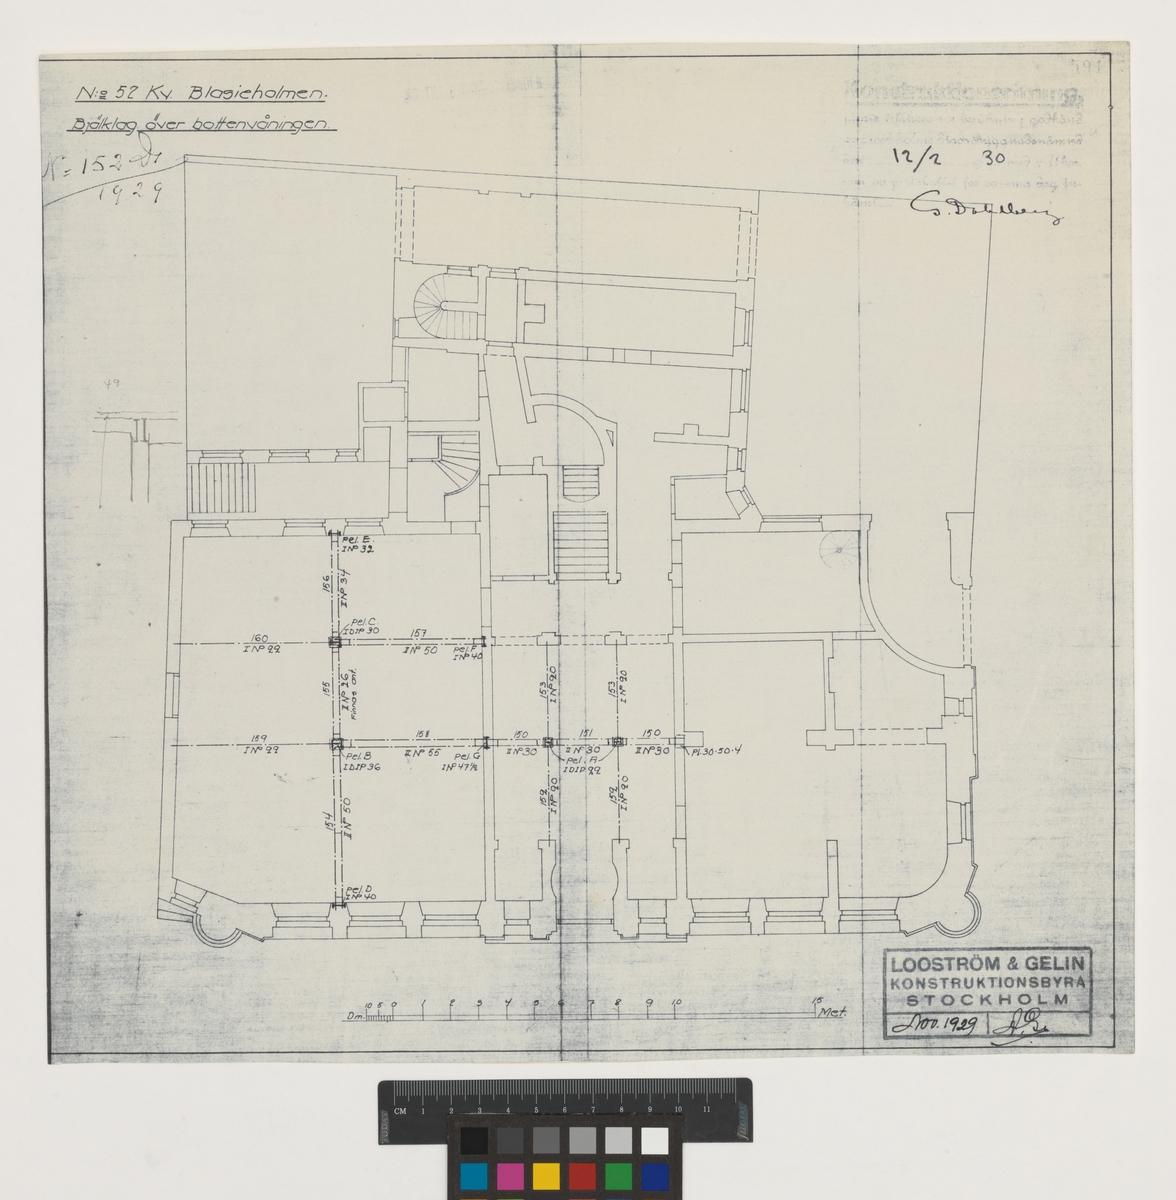 No 52 Kv. Blasieholmen Bjälklag över bottenvåningen